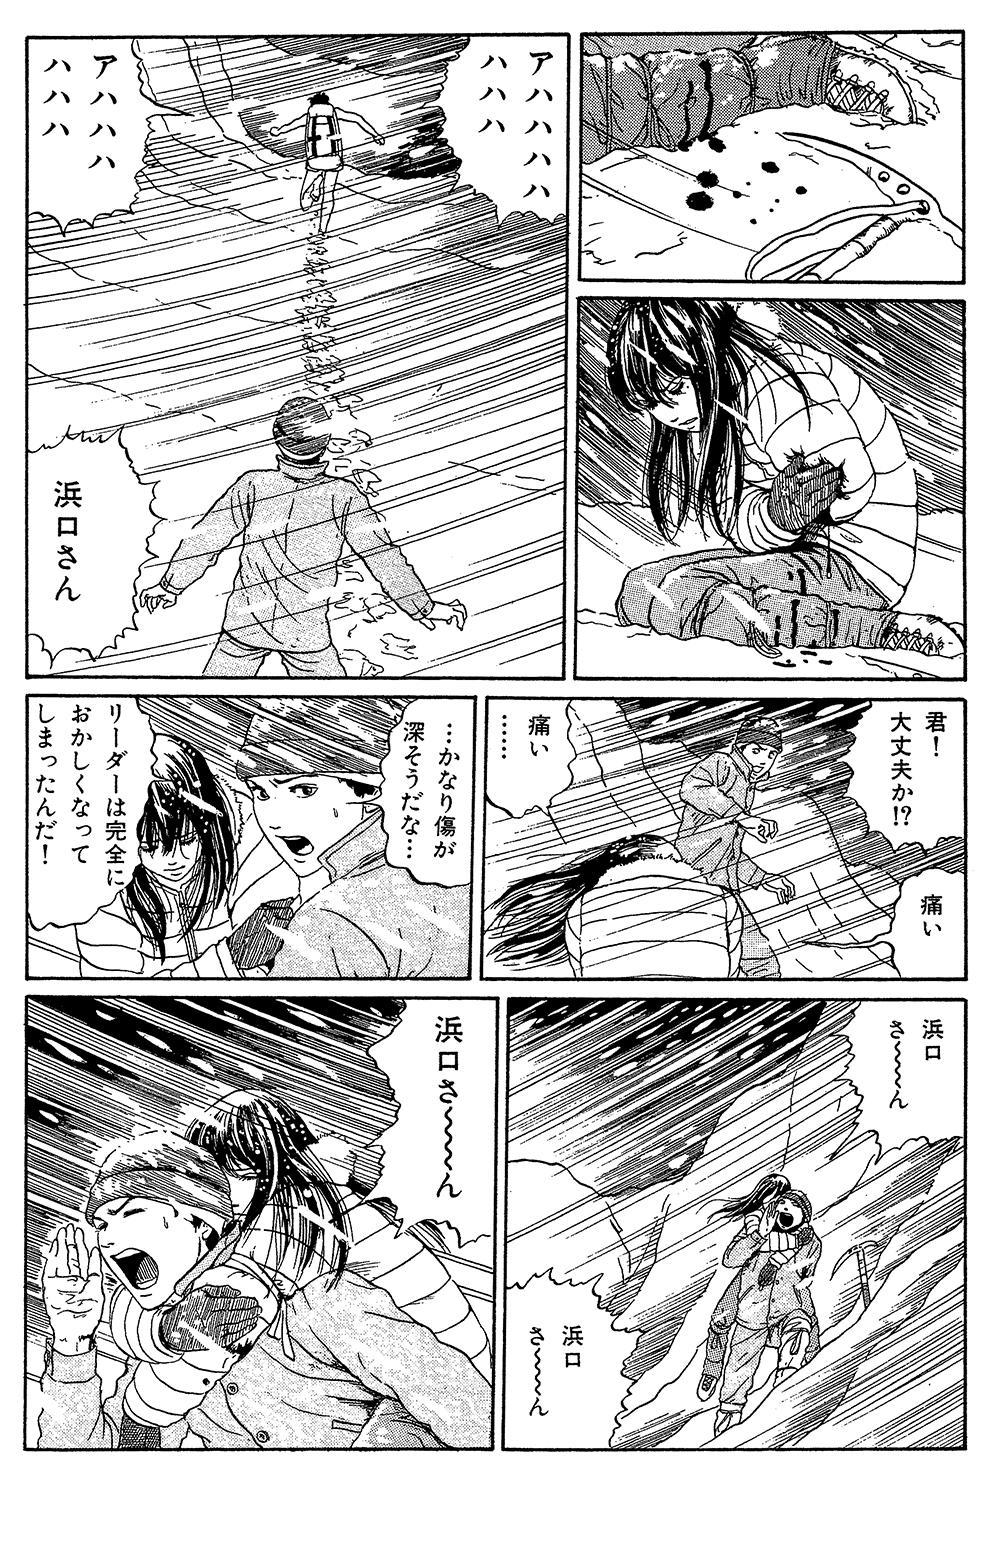 伊藤潤二傑作集 第7話「富江・復讐」2itouj24-0294.jpg